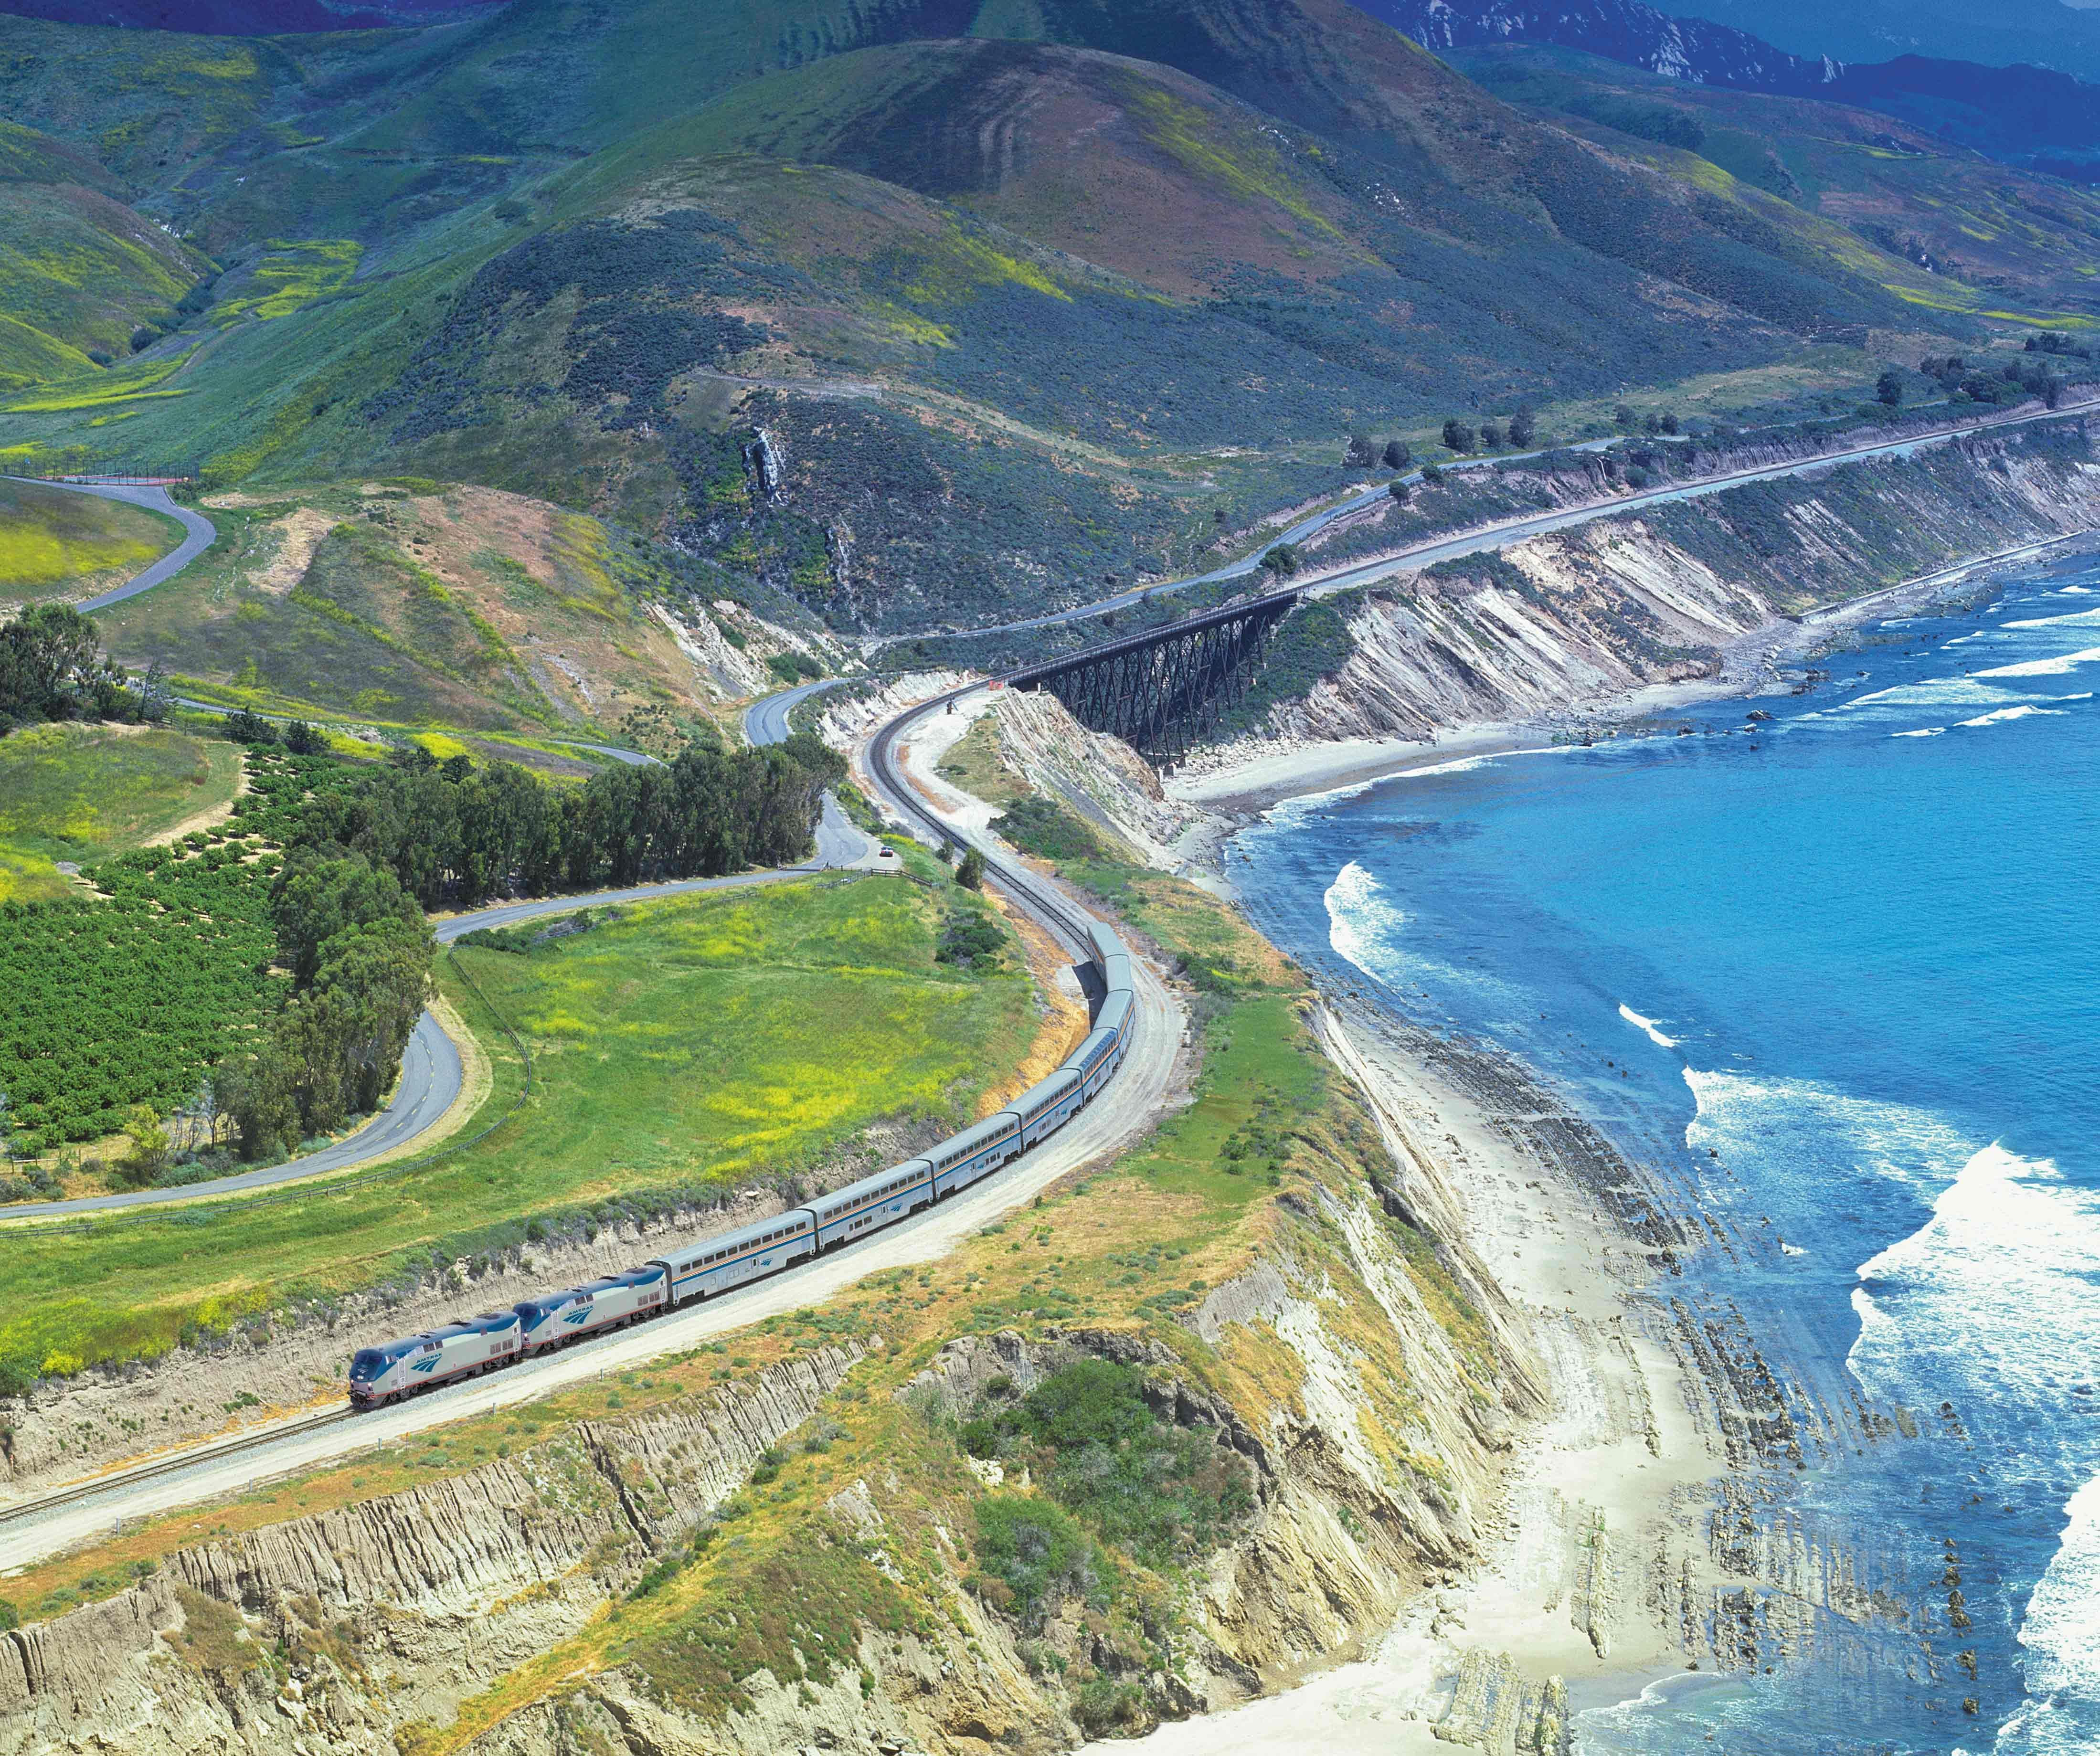 The Coast Starlight Train Runs From LA To Seattle/Portland